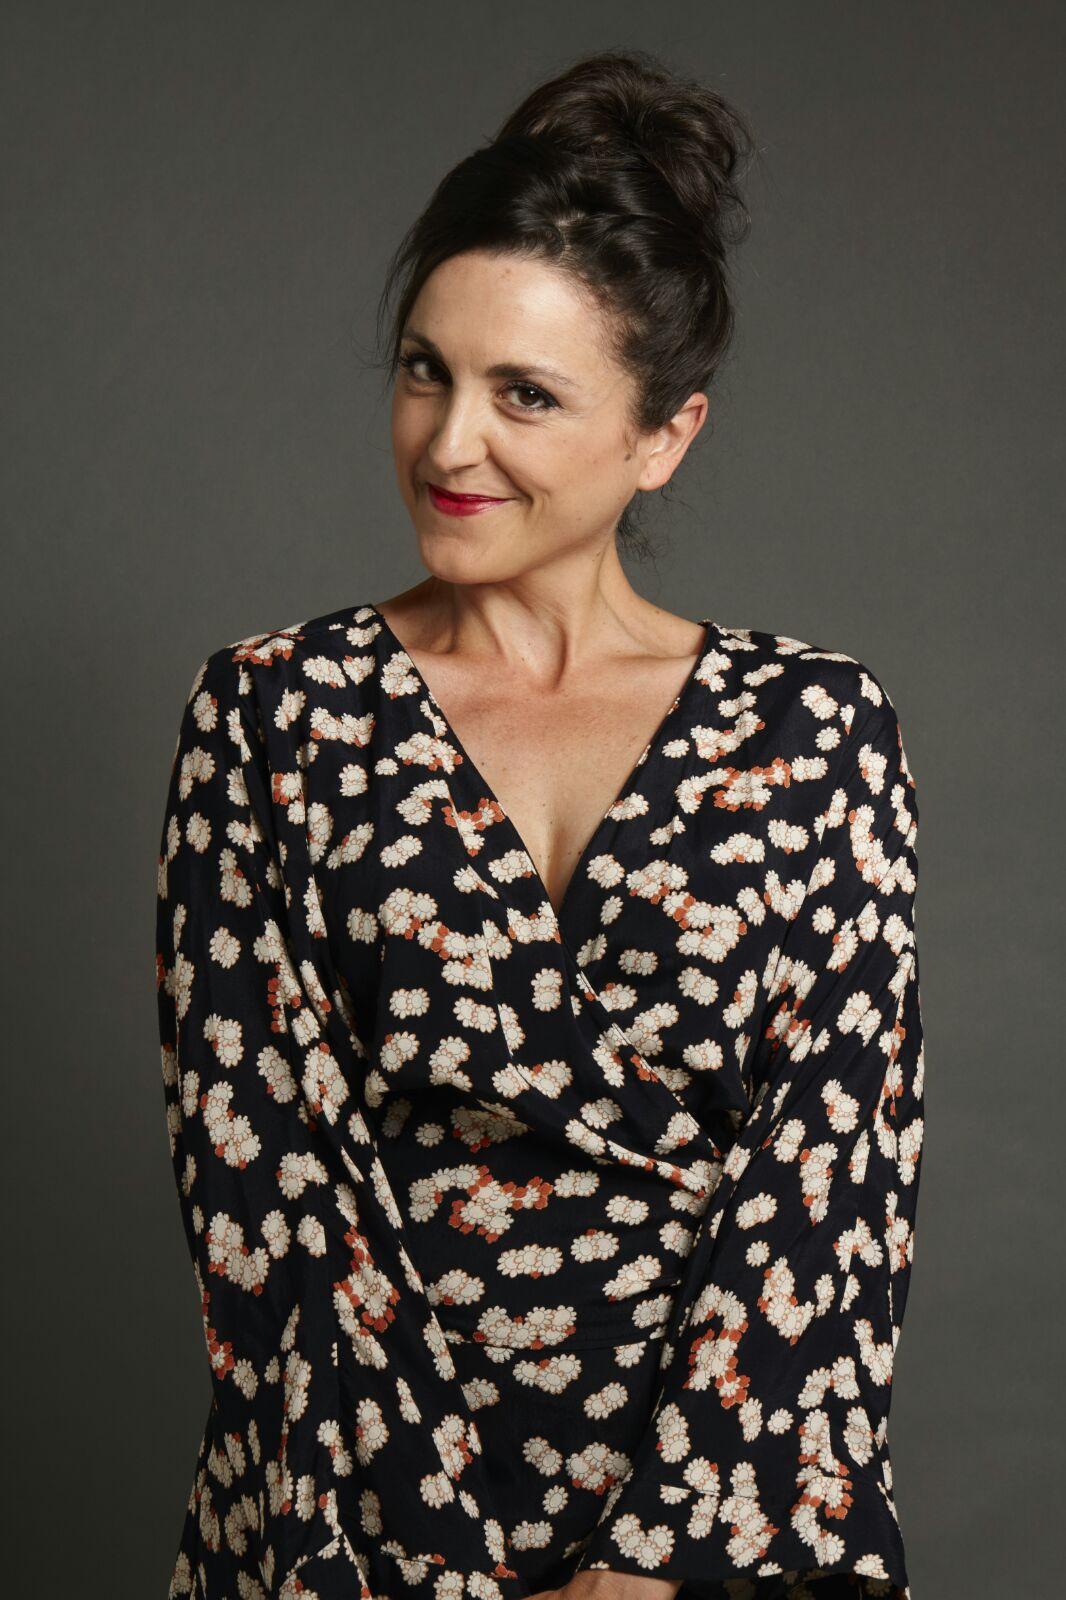 Raquel Buigues Vallés